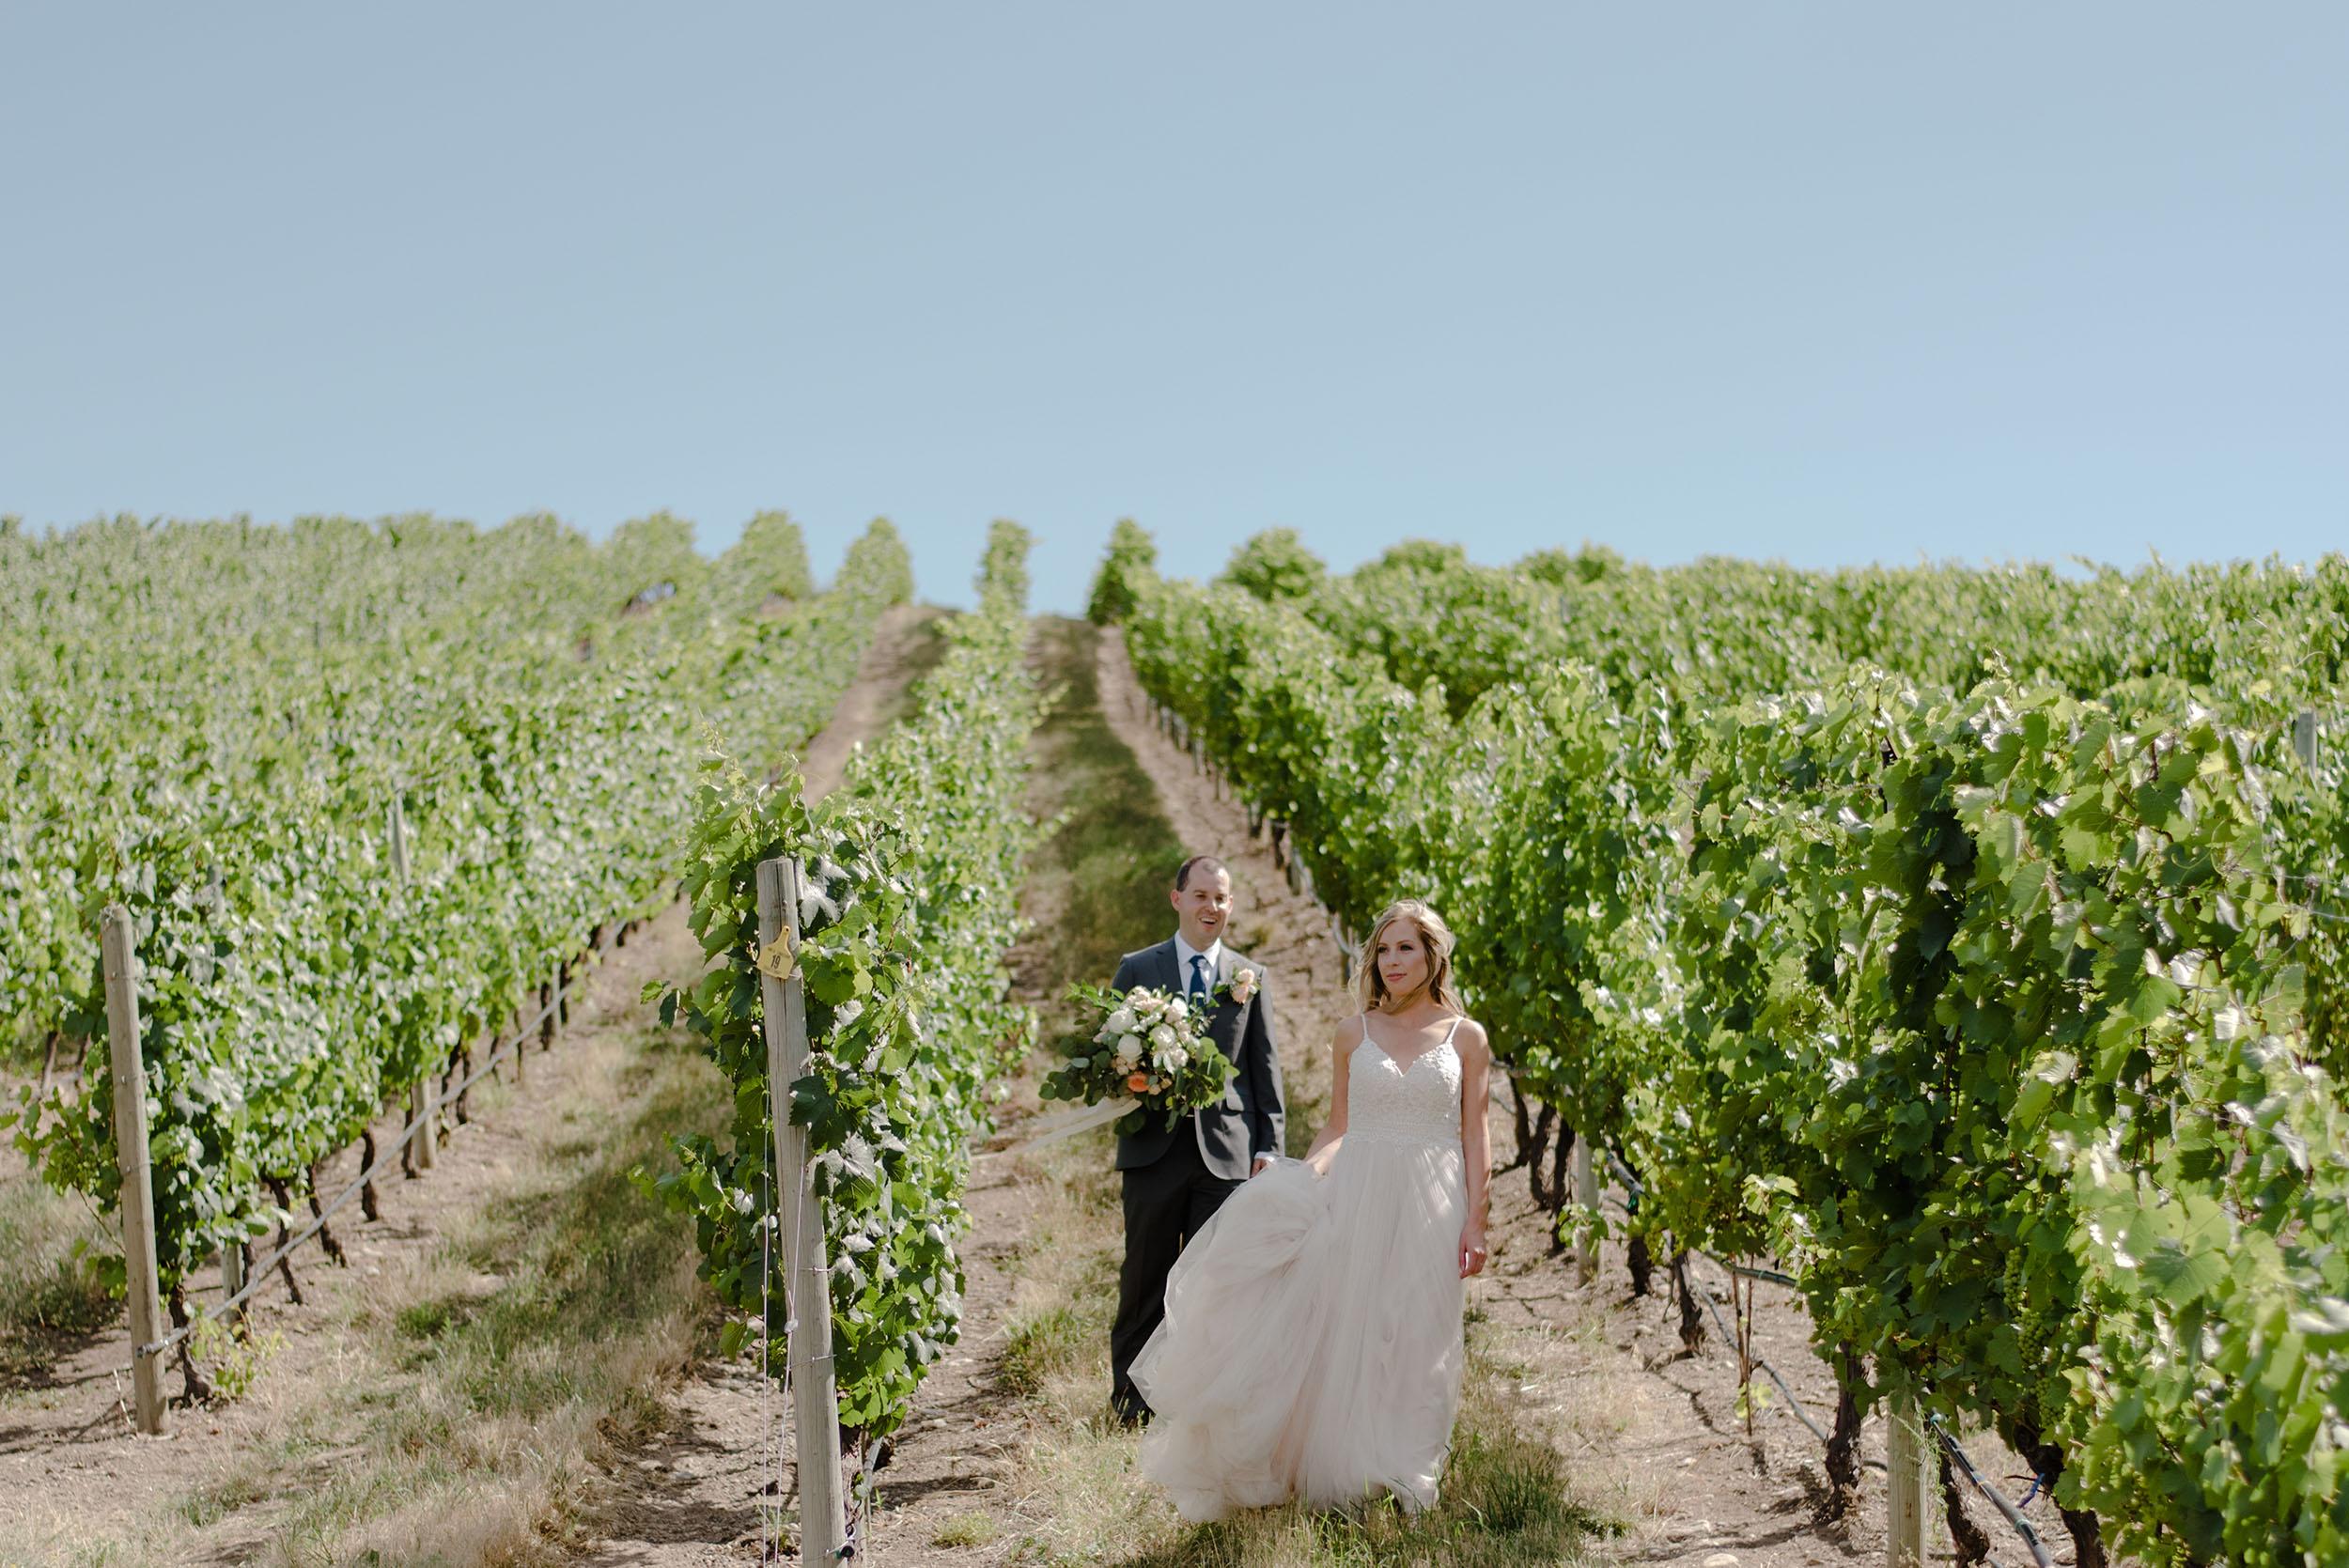 Bride & groom getting married at winery in Kelowna